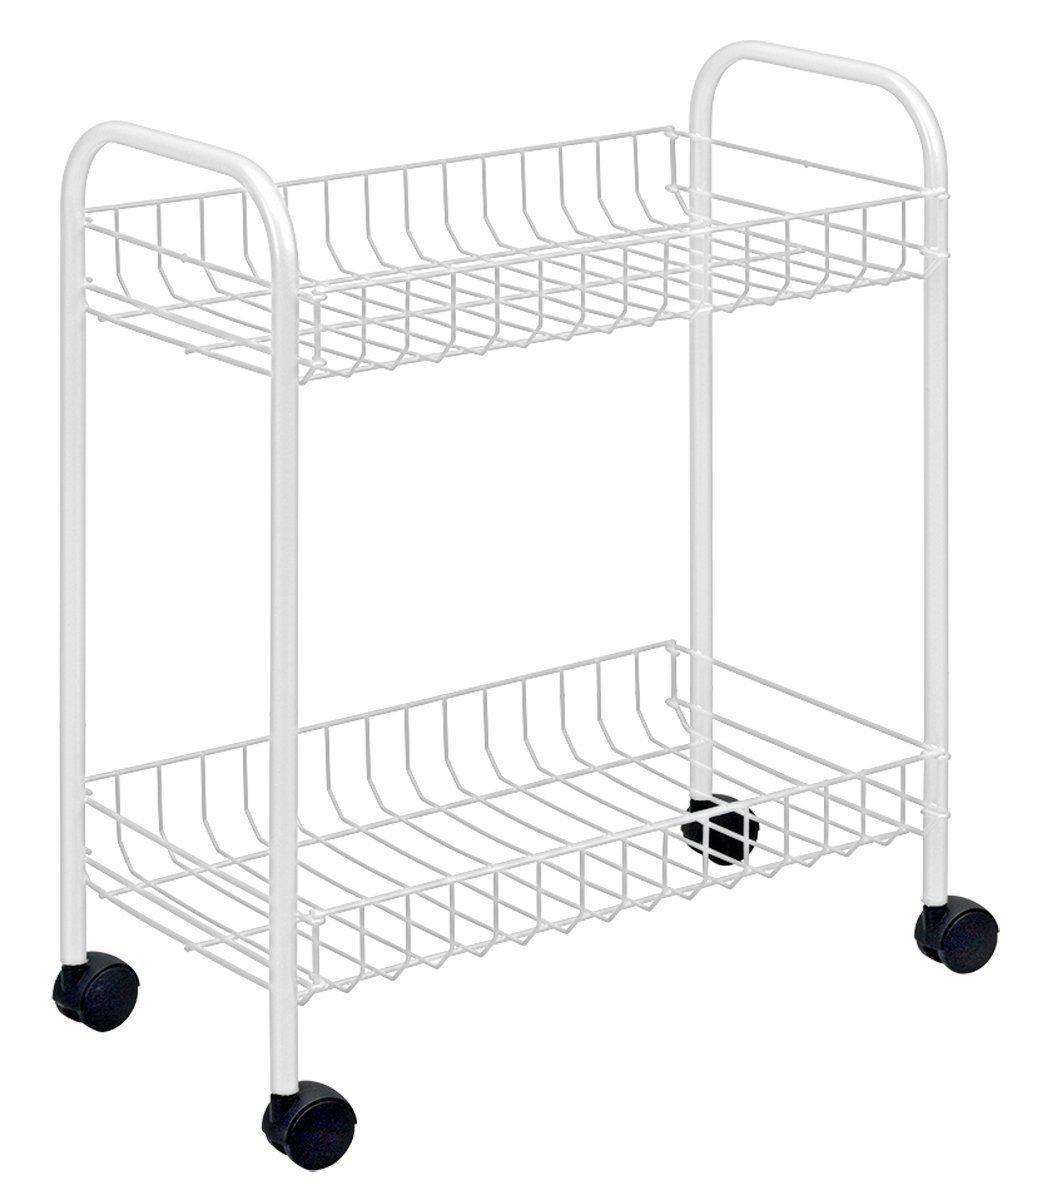 Этажерка на колесиках, 41 х 23 х 51 см